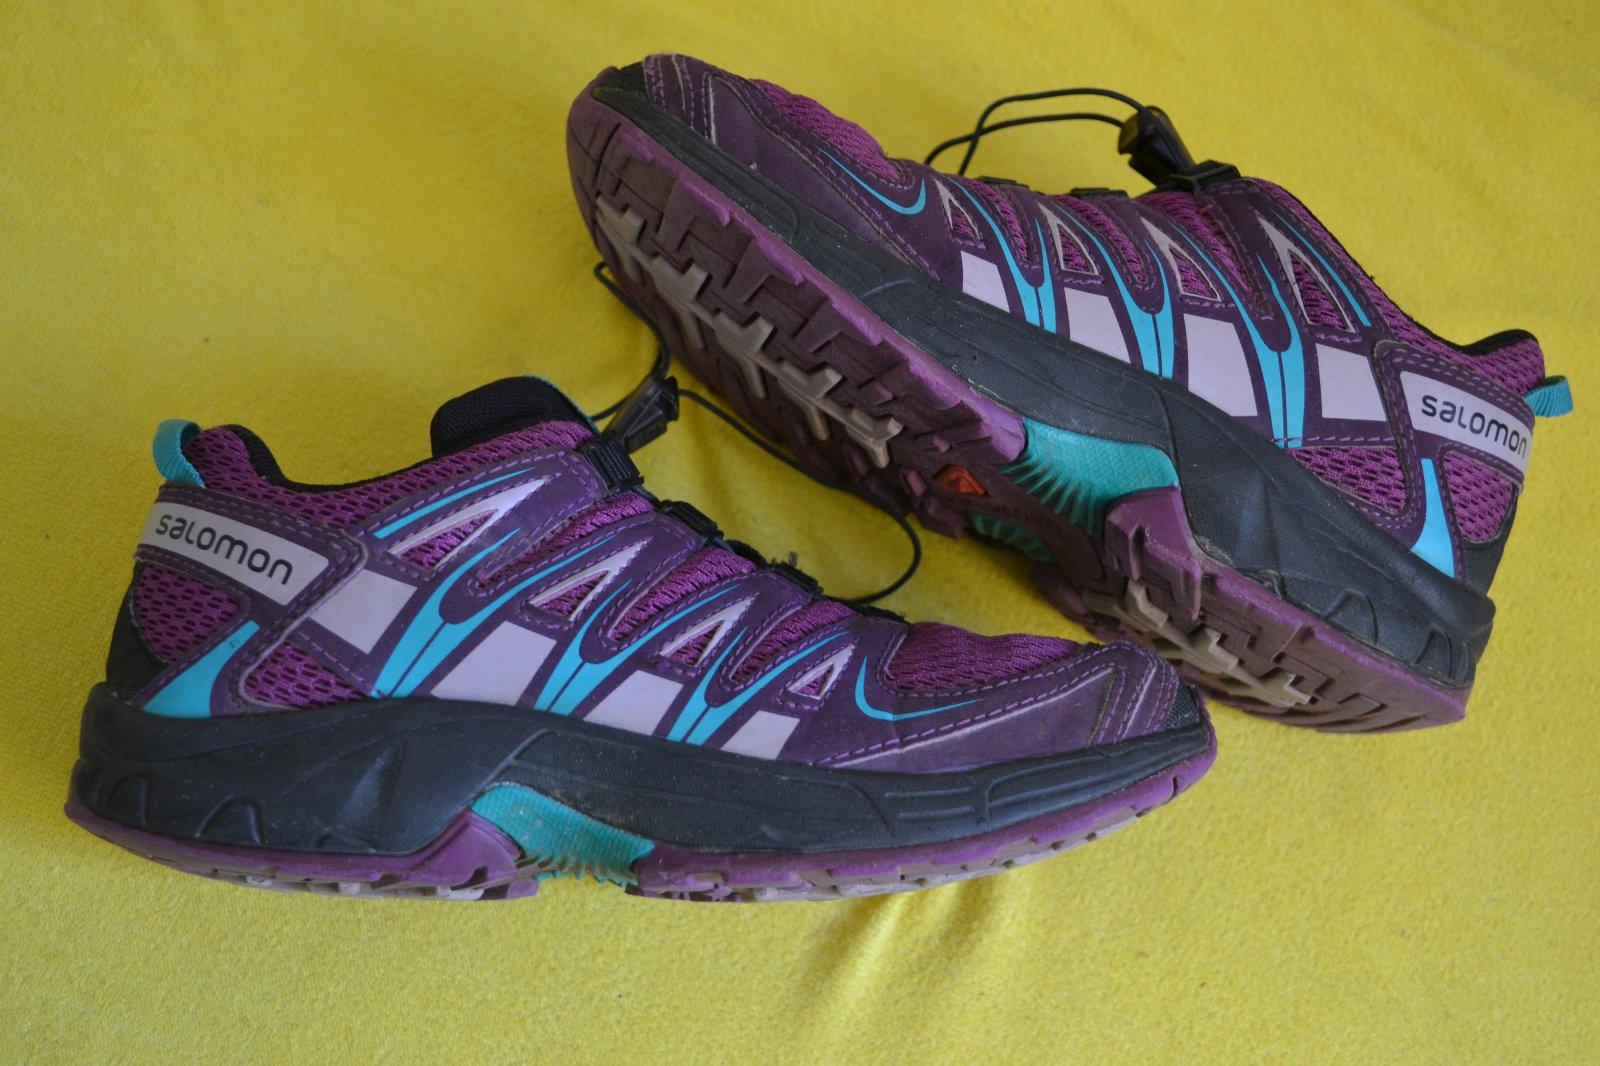 Sportovní boty salomon 80076367974